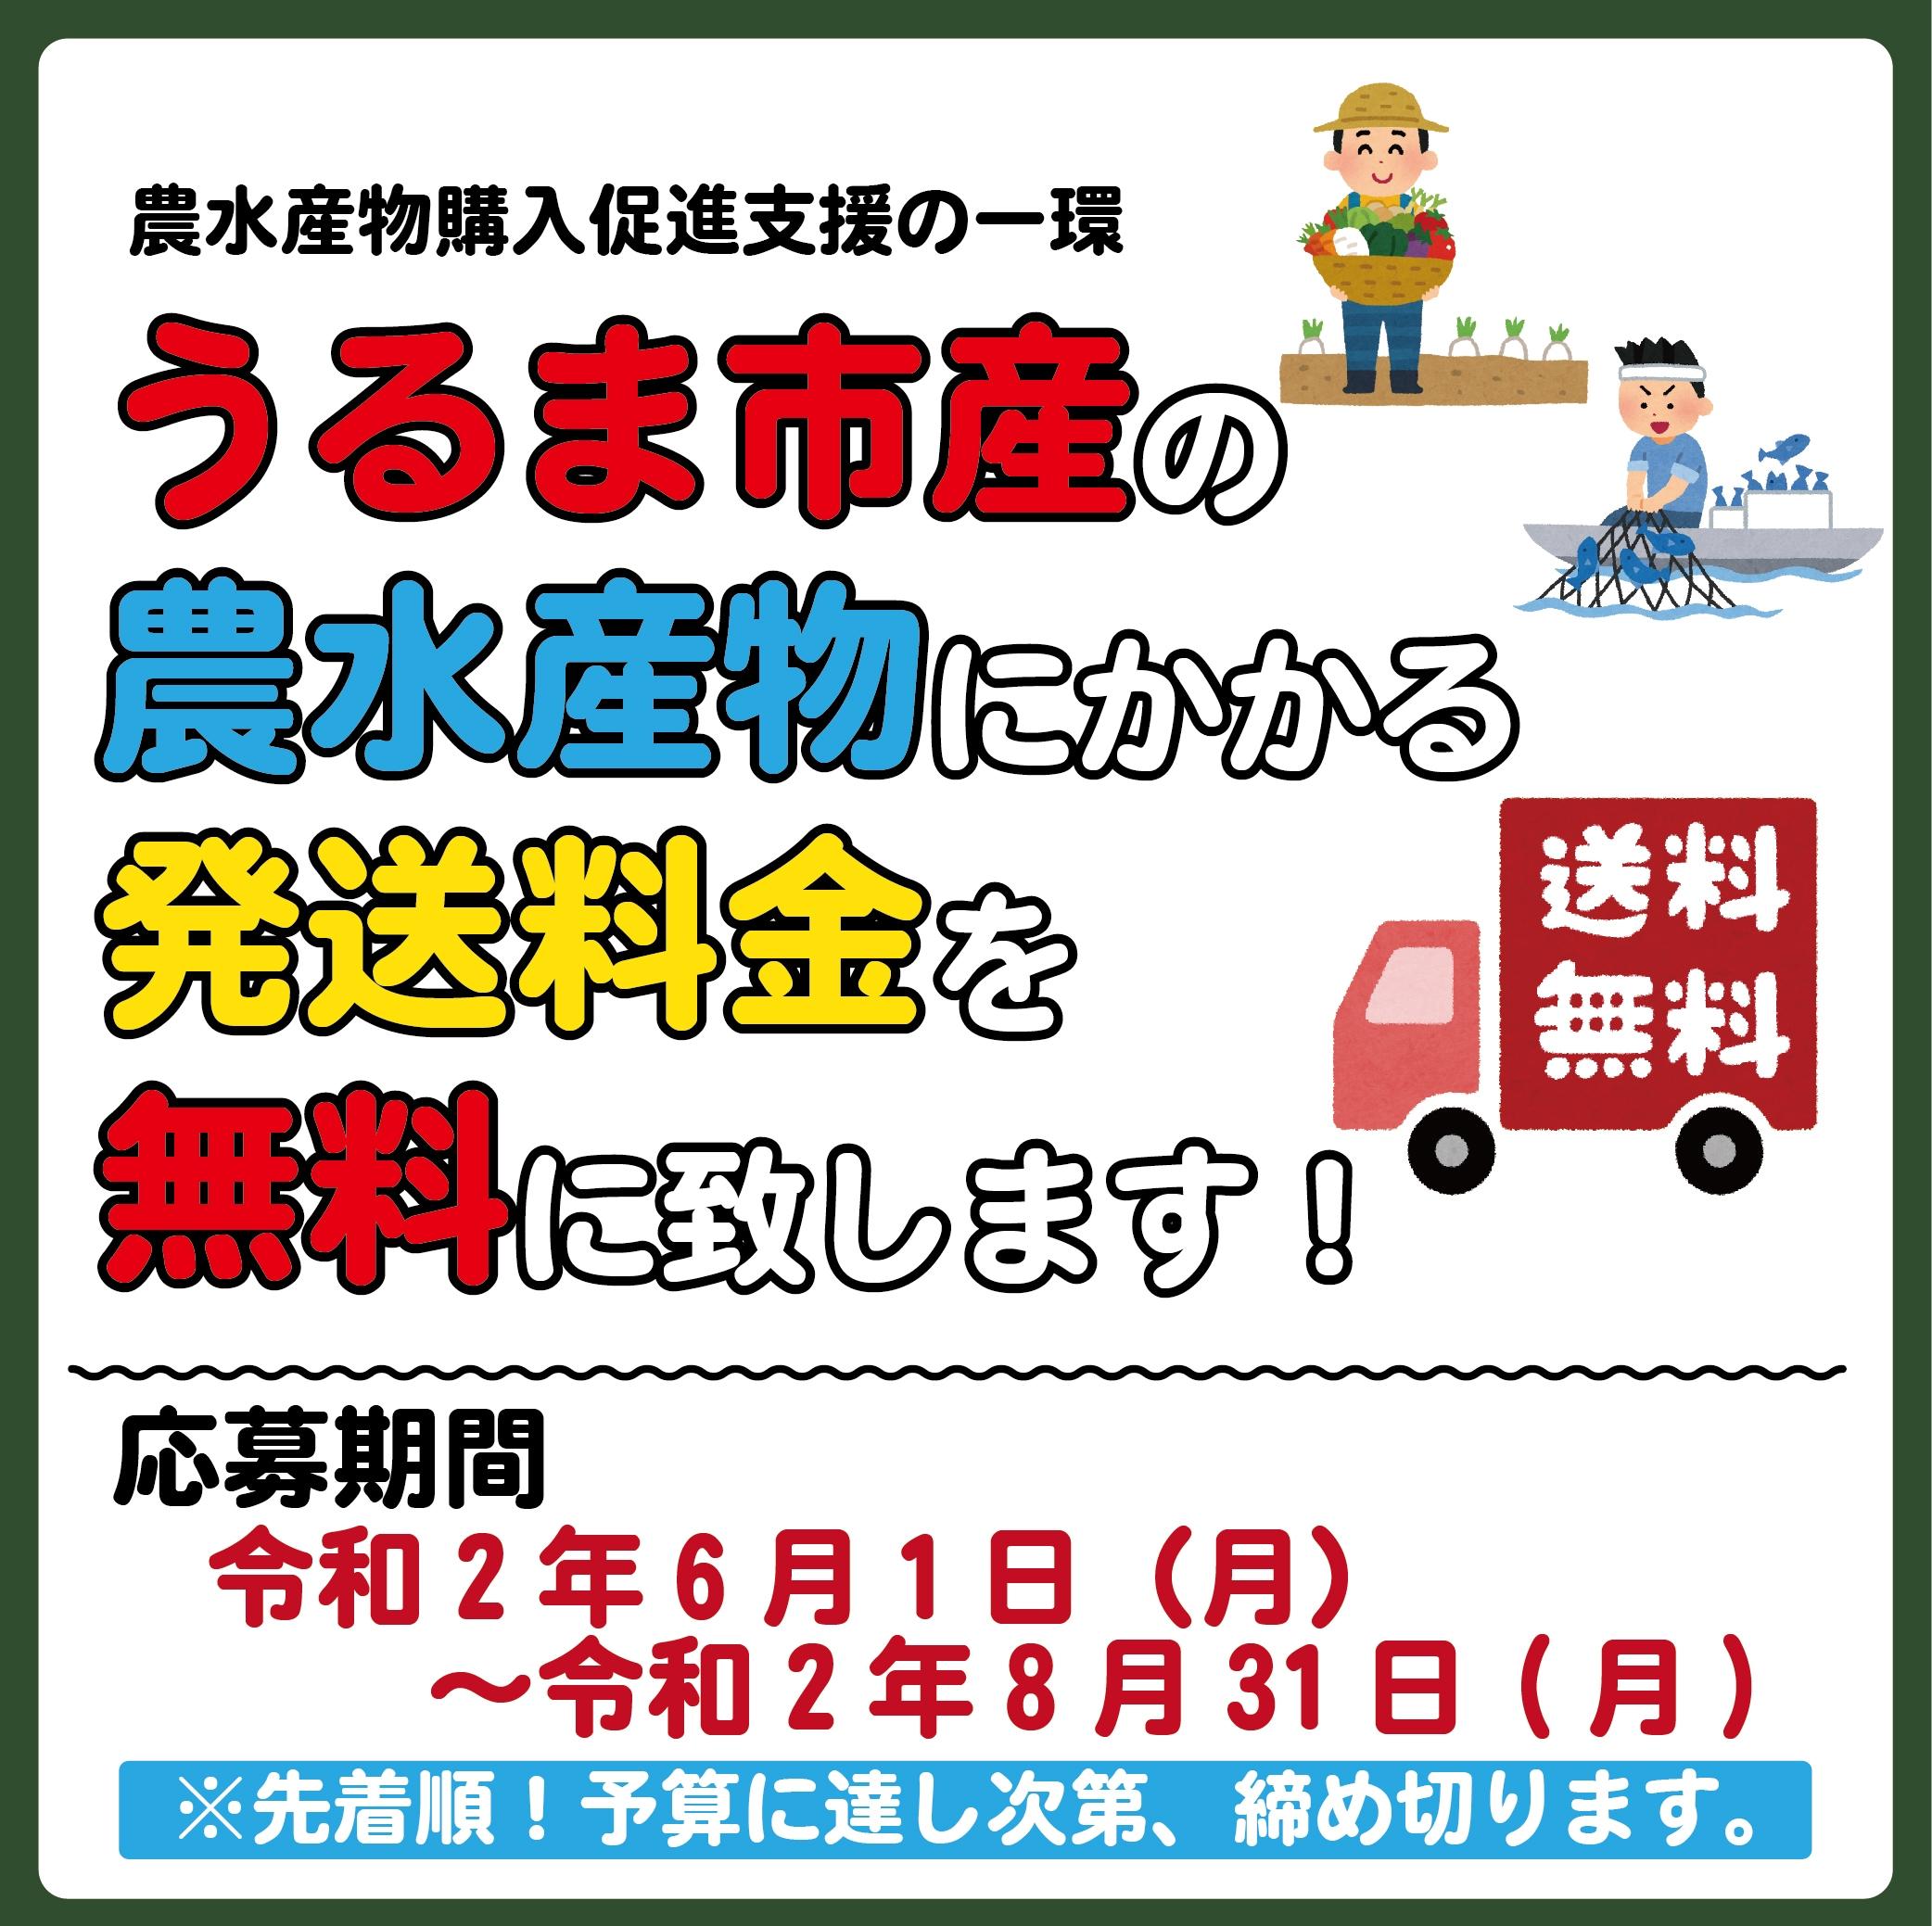 送料無料|うるマルシェ|ネットスーパー|沖縄|通販